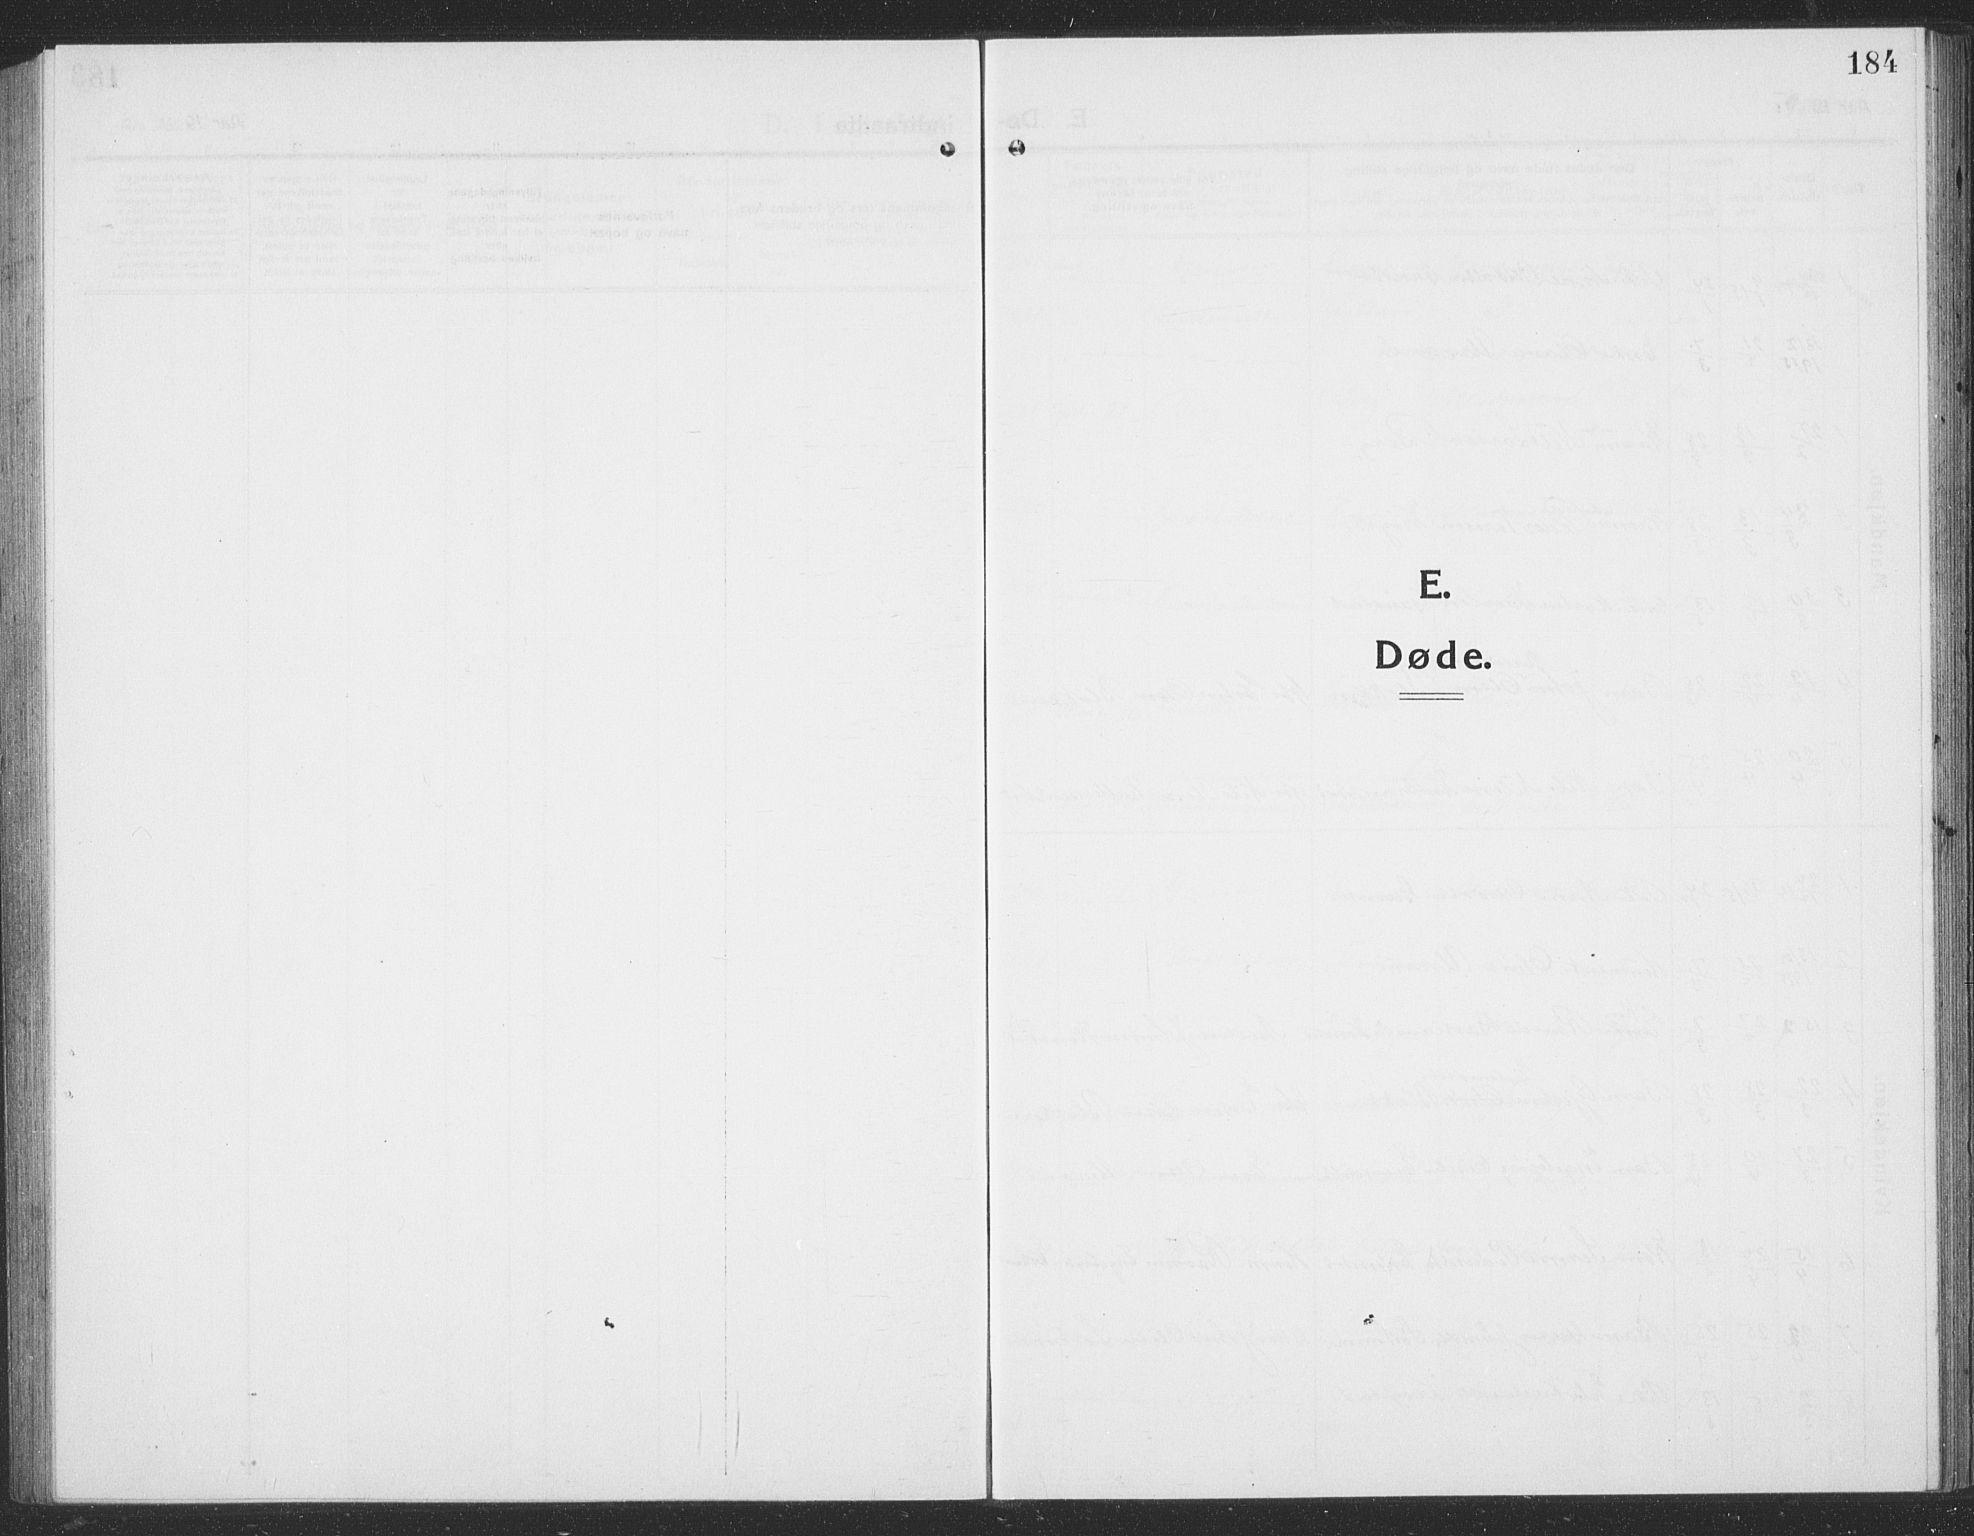 SAT, Ministerialprotokoller, klokkerbøker og fødselsregistre - Sør-Trøndelag, 694/L1134: Klokkerbok nr. 694C06, 1915-1937, s. 184